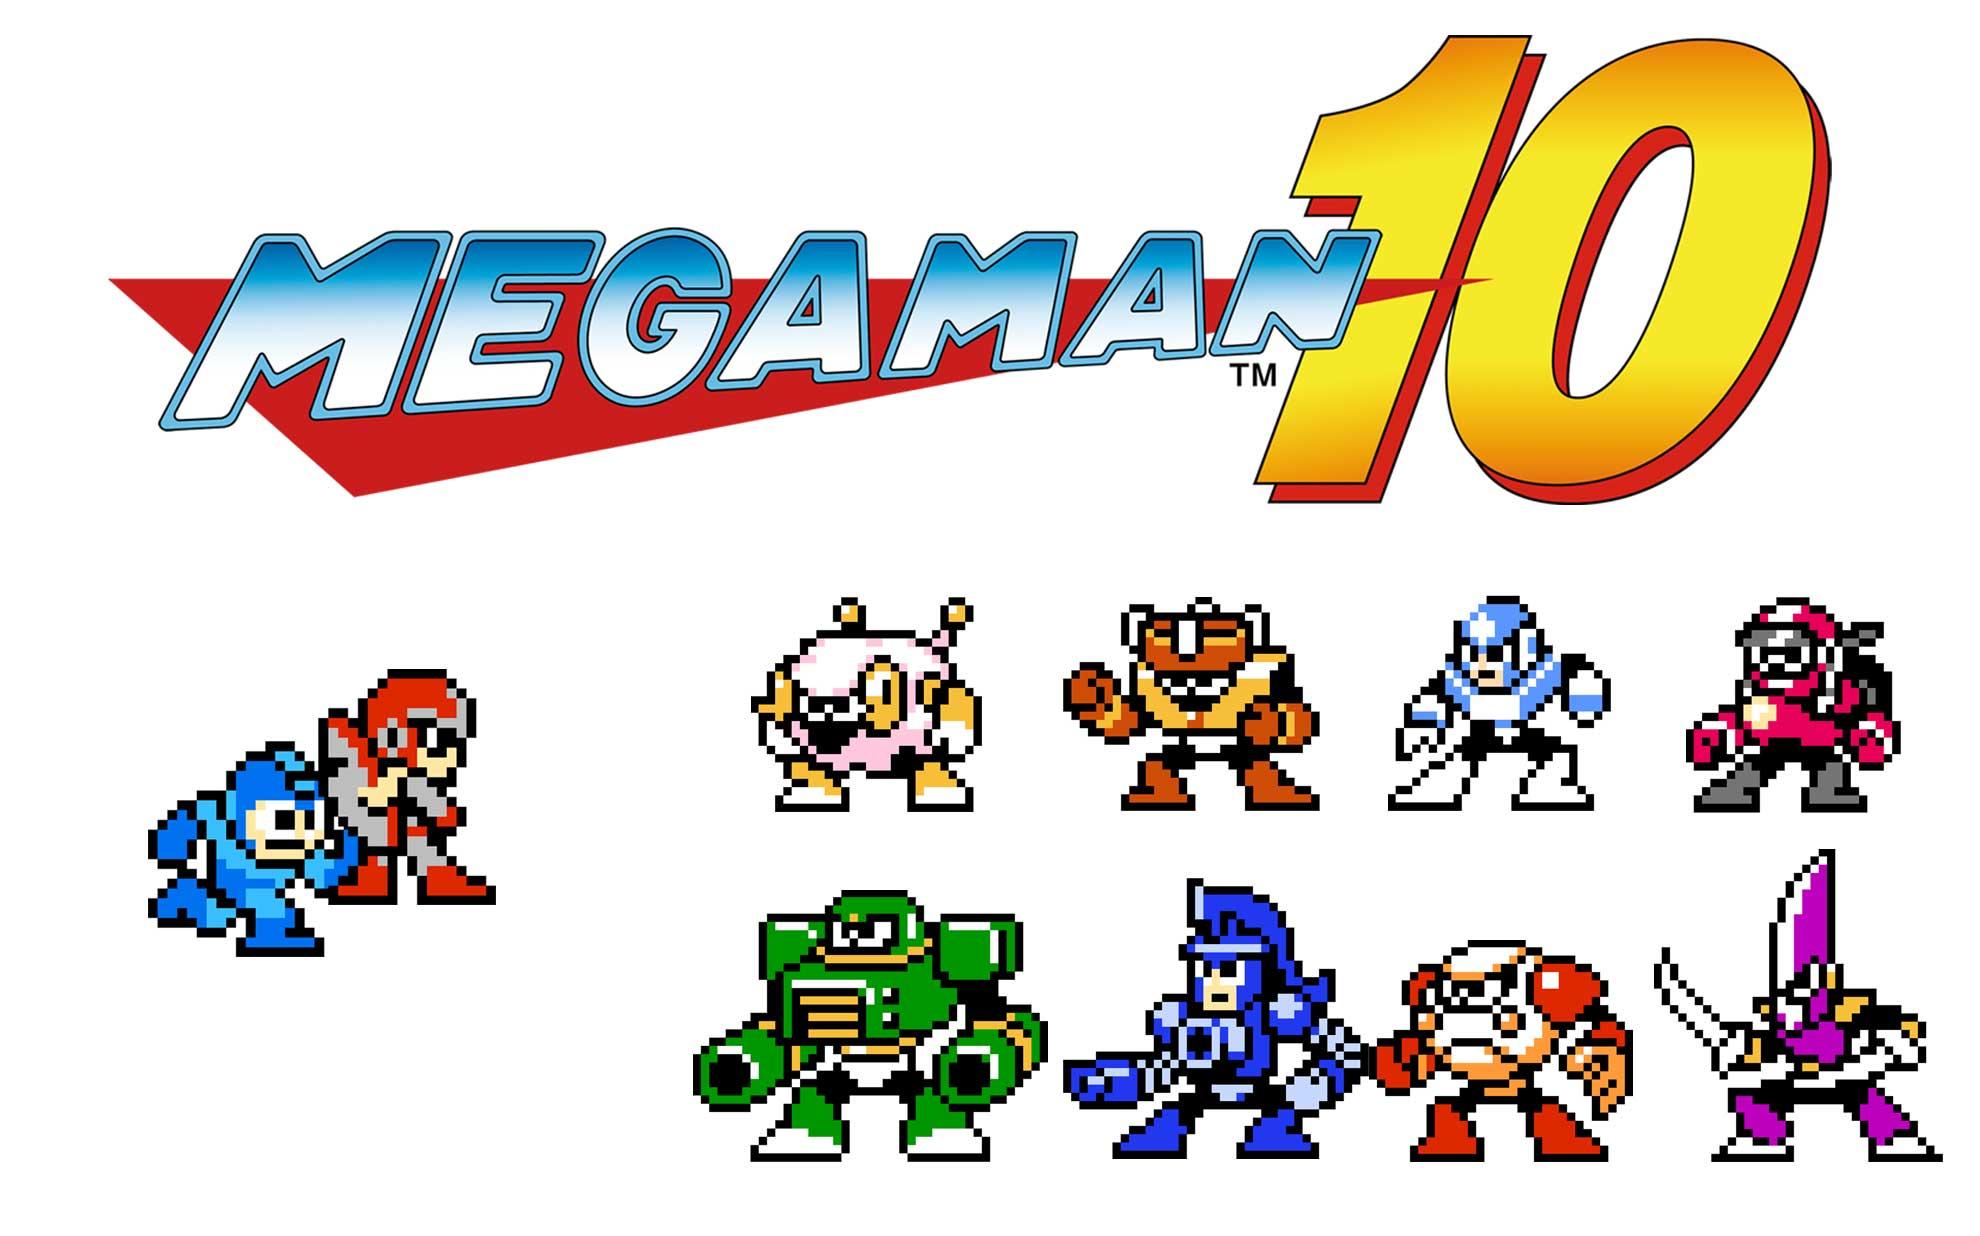 Скачать Бесплатно Игру Megaman X8